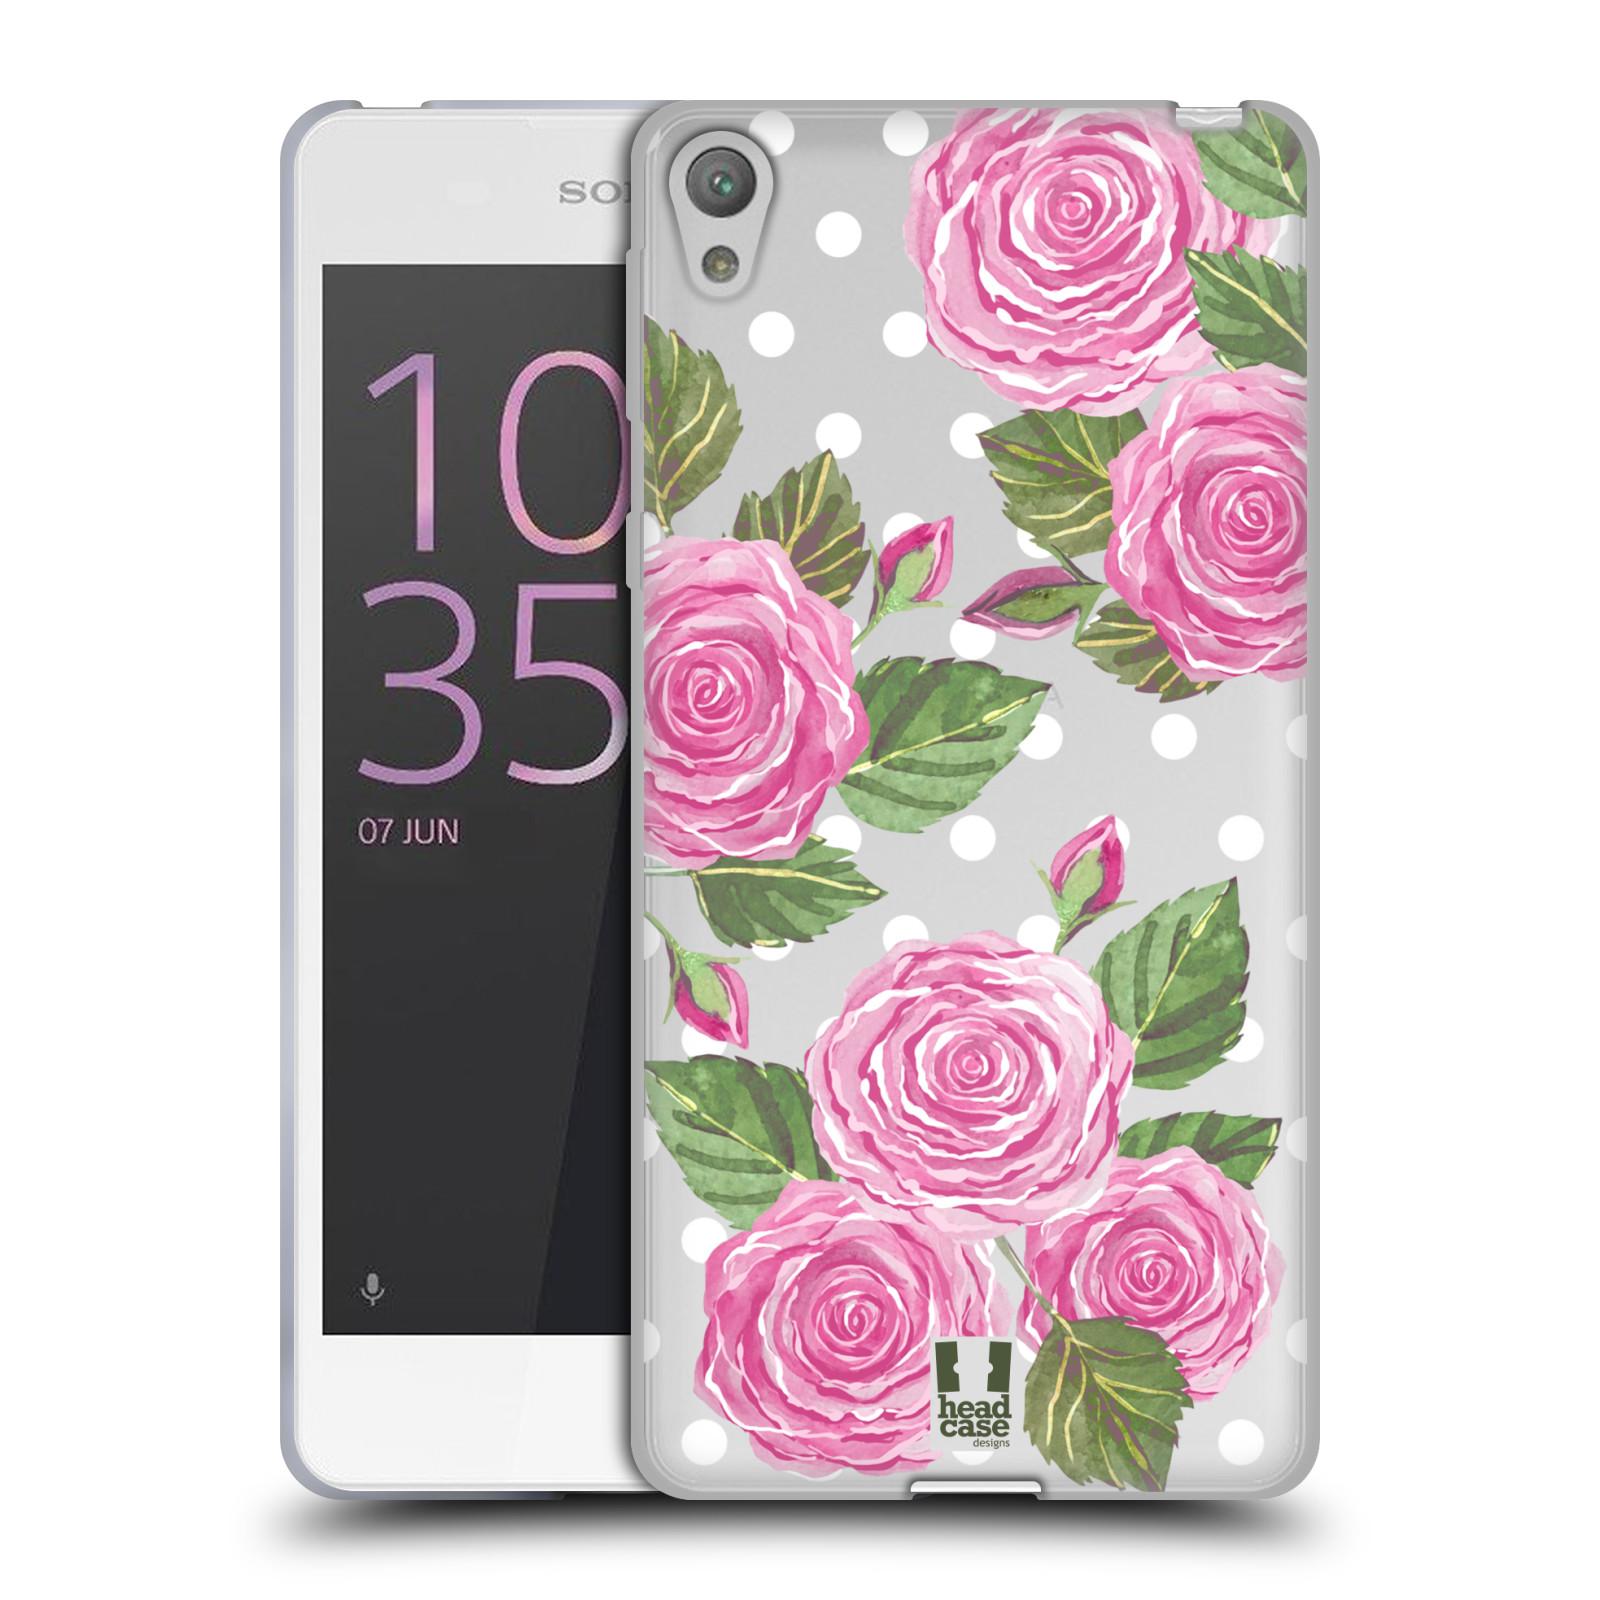 Silikonové pouzdro na mobil Sony Xperia E5 - Head Case - Hezoučké růžičky - průhledné